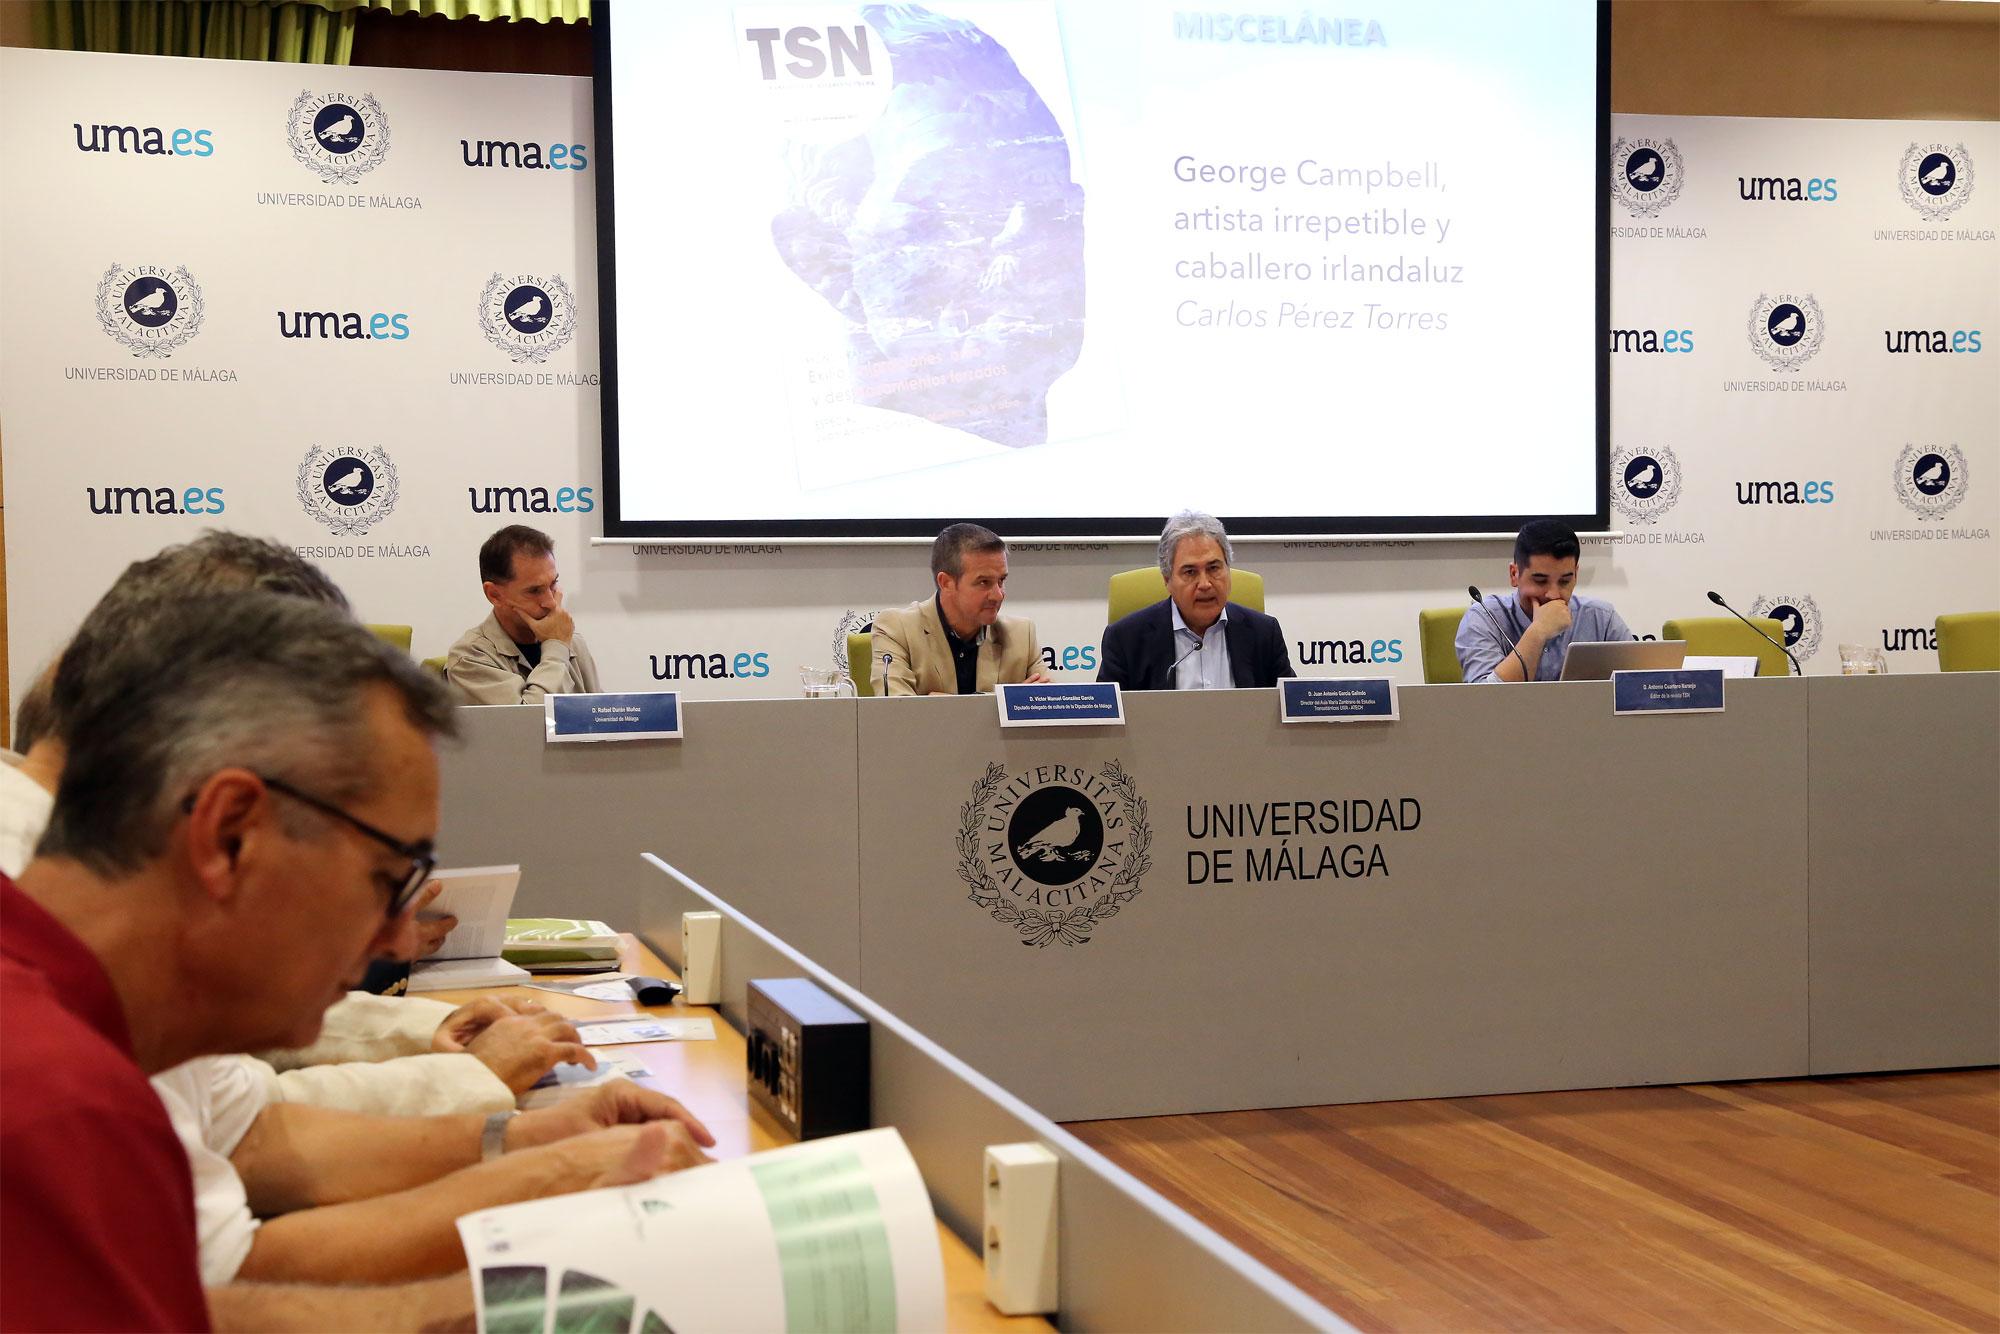 El Aula María Zambrano de Estudios Transatlánticos presenta el cuarto número de la revista TSN